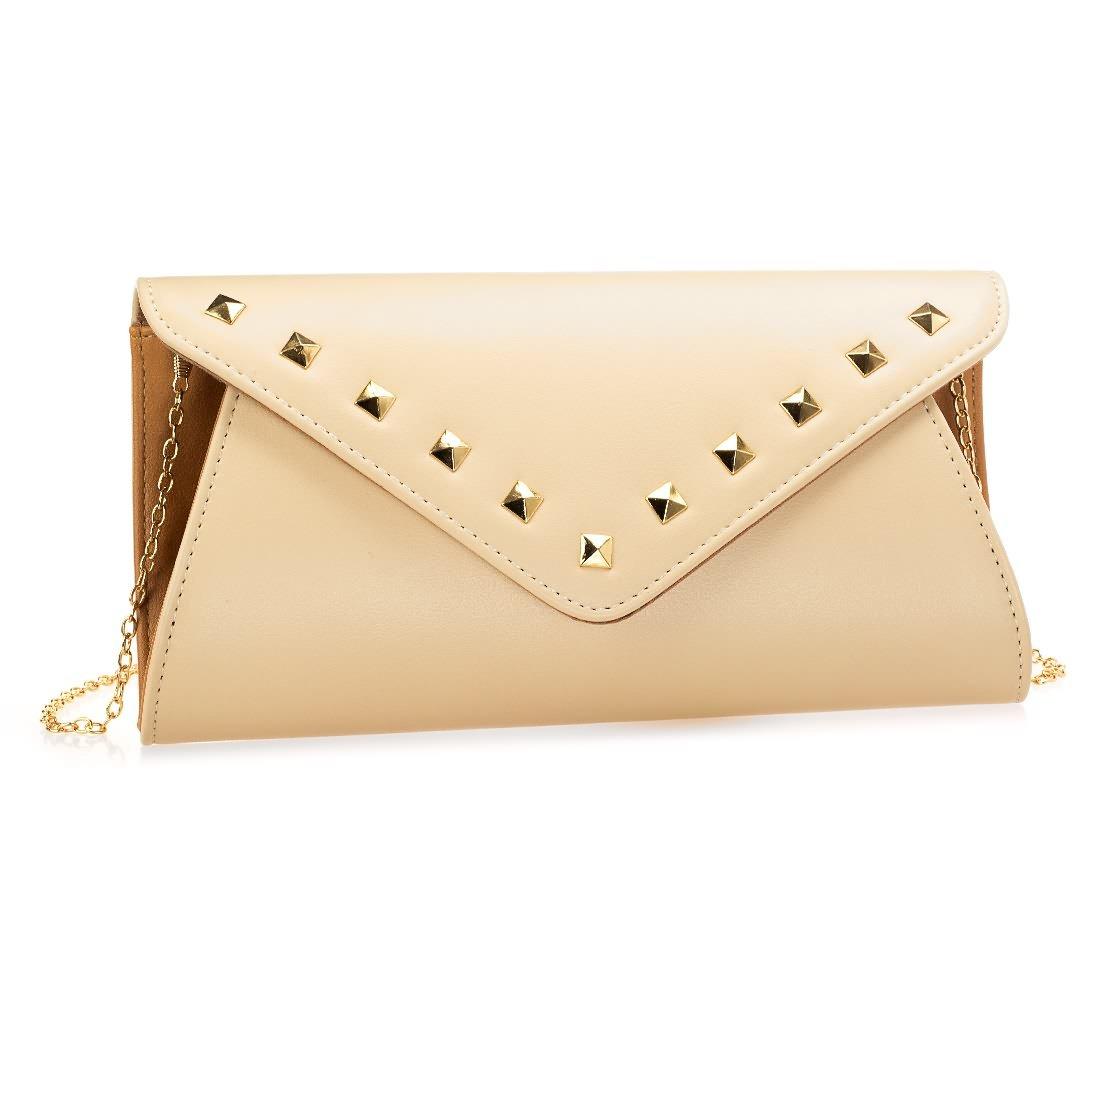 BMC Womens Faux Leather 2 Tone Rivet Accent Envelope Flap Fashion Clutch Handbag